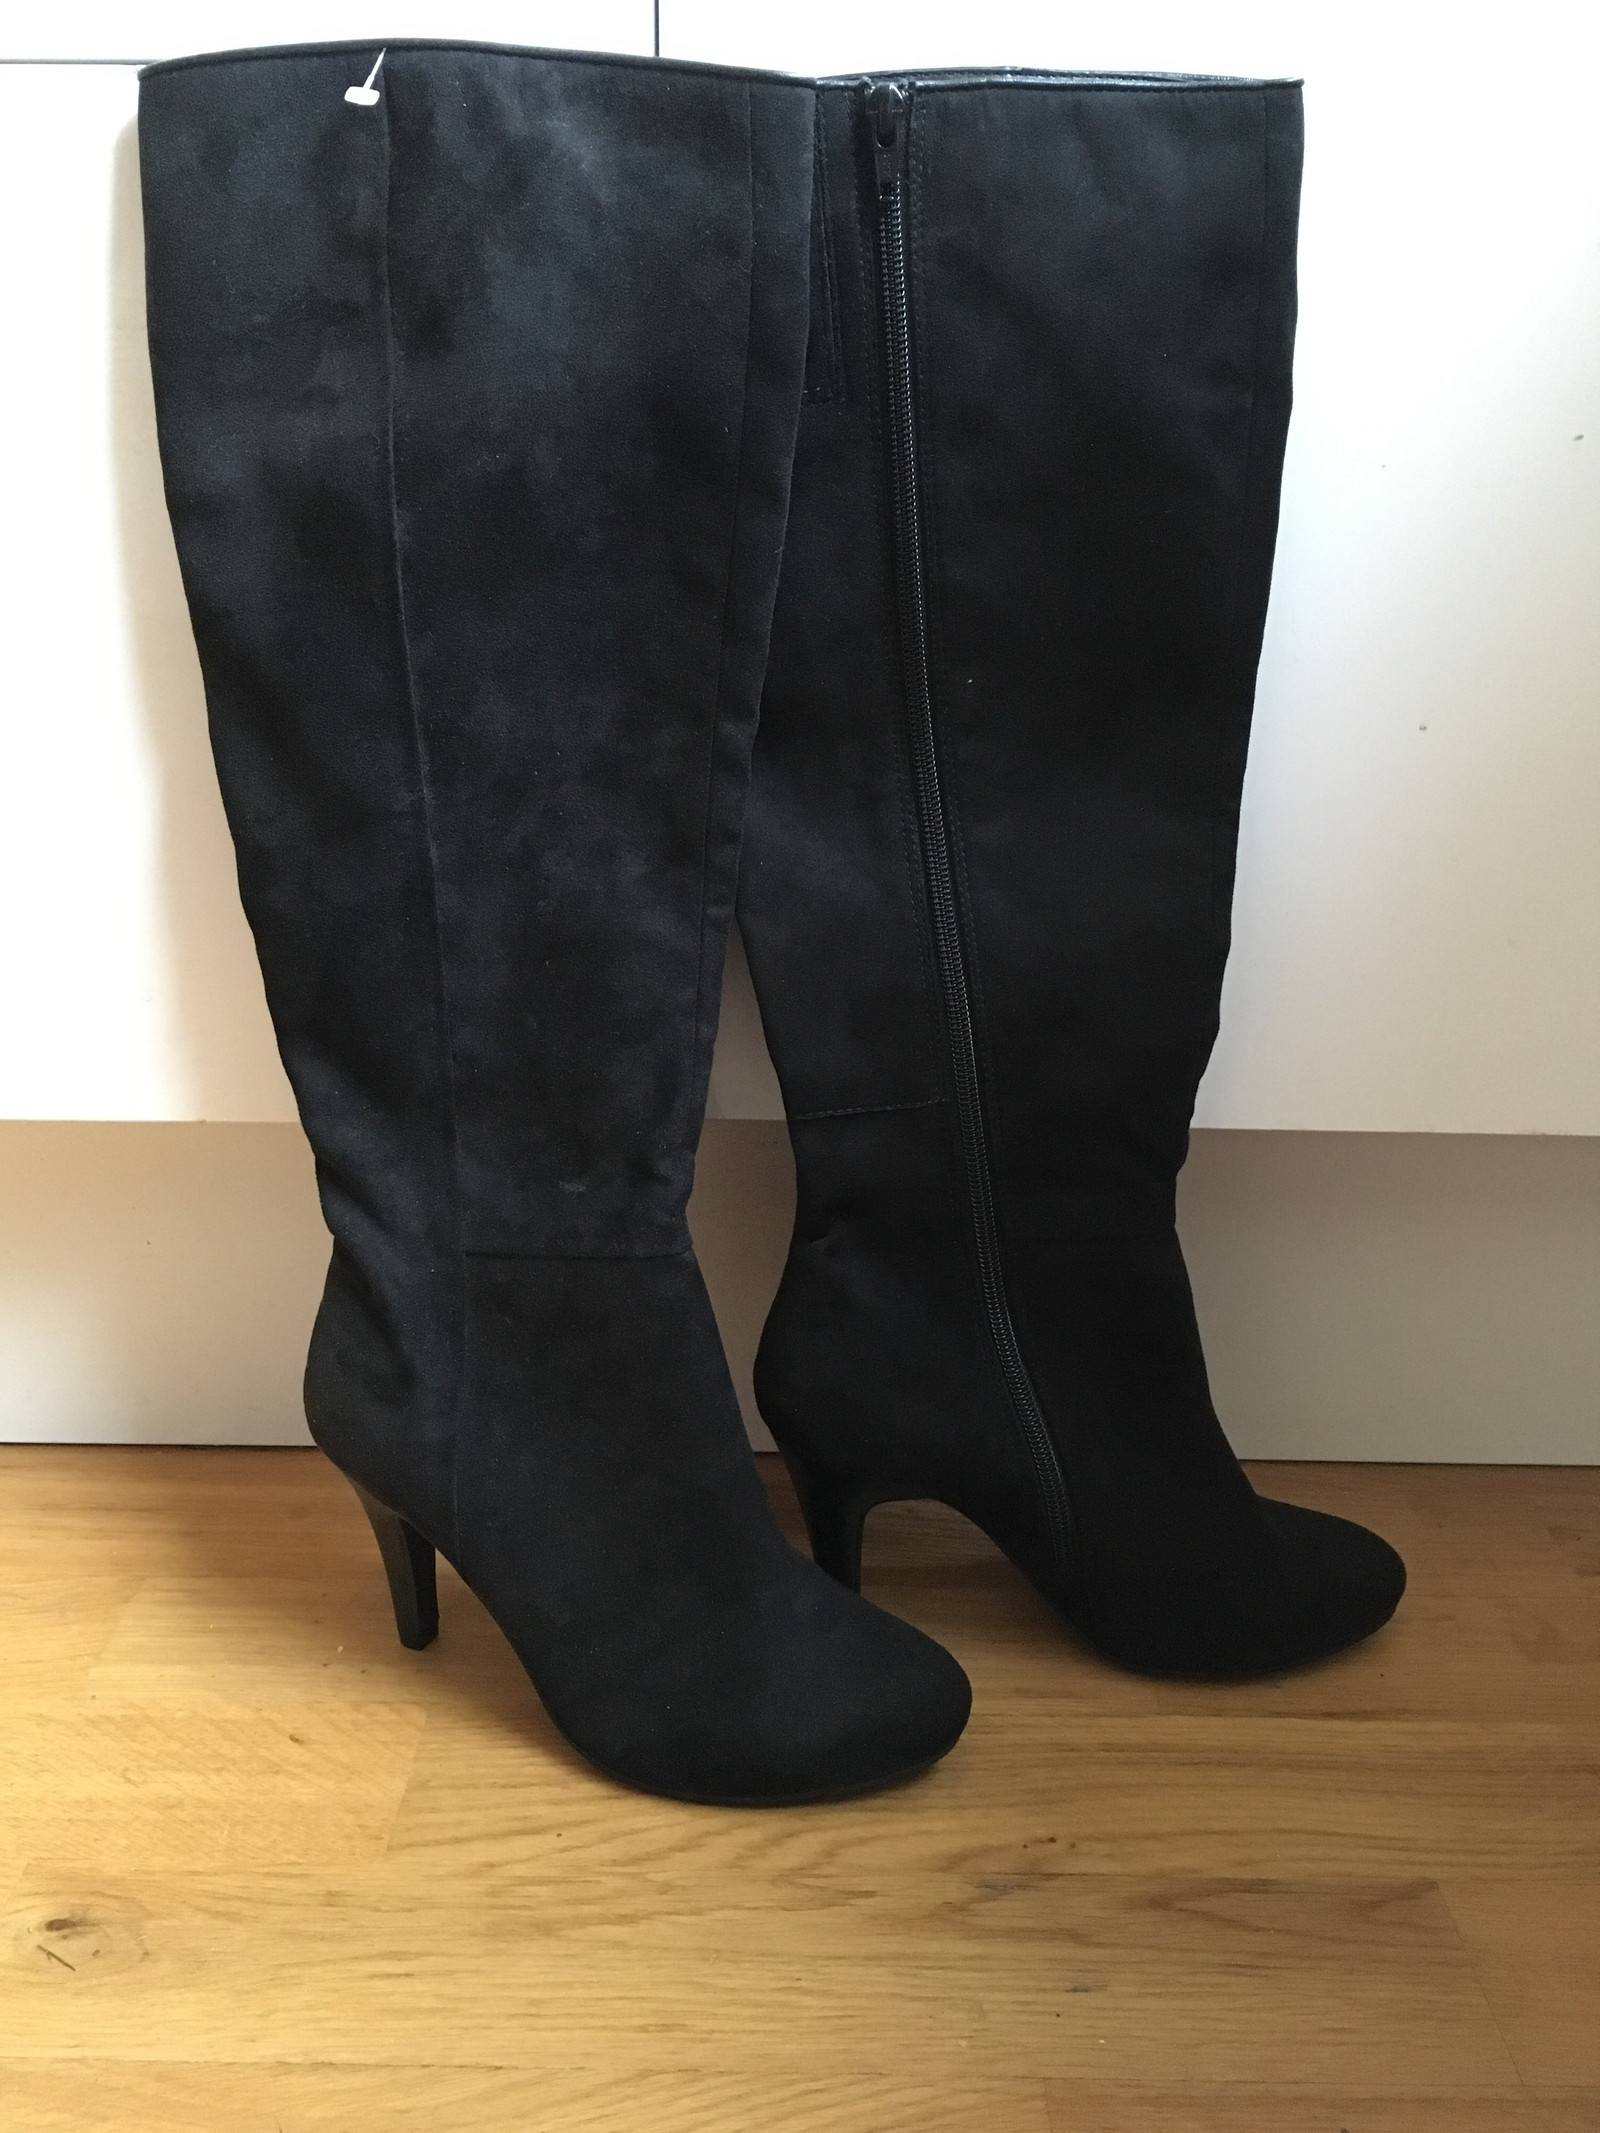 Helt nye Svarte semskede støvletter fra Style Inc kr: 249